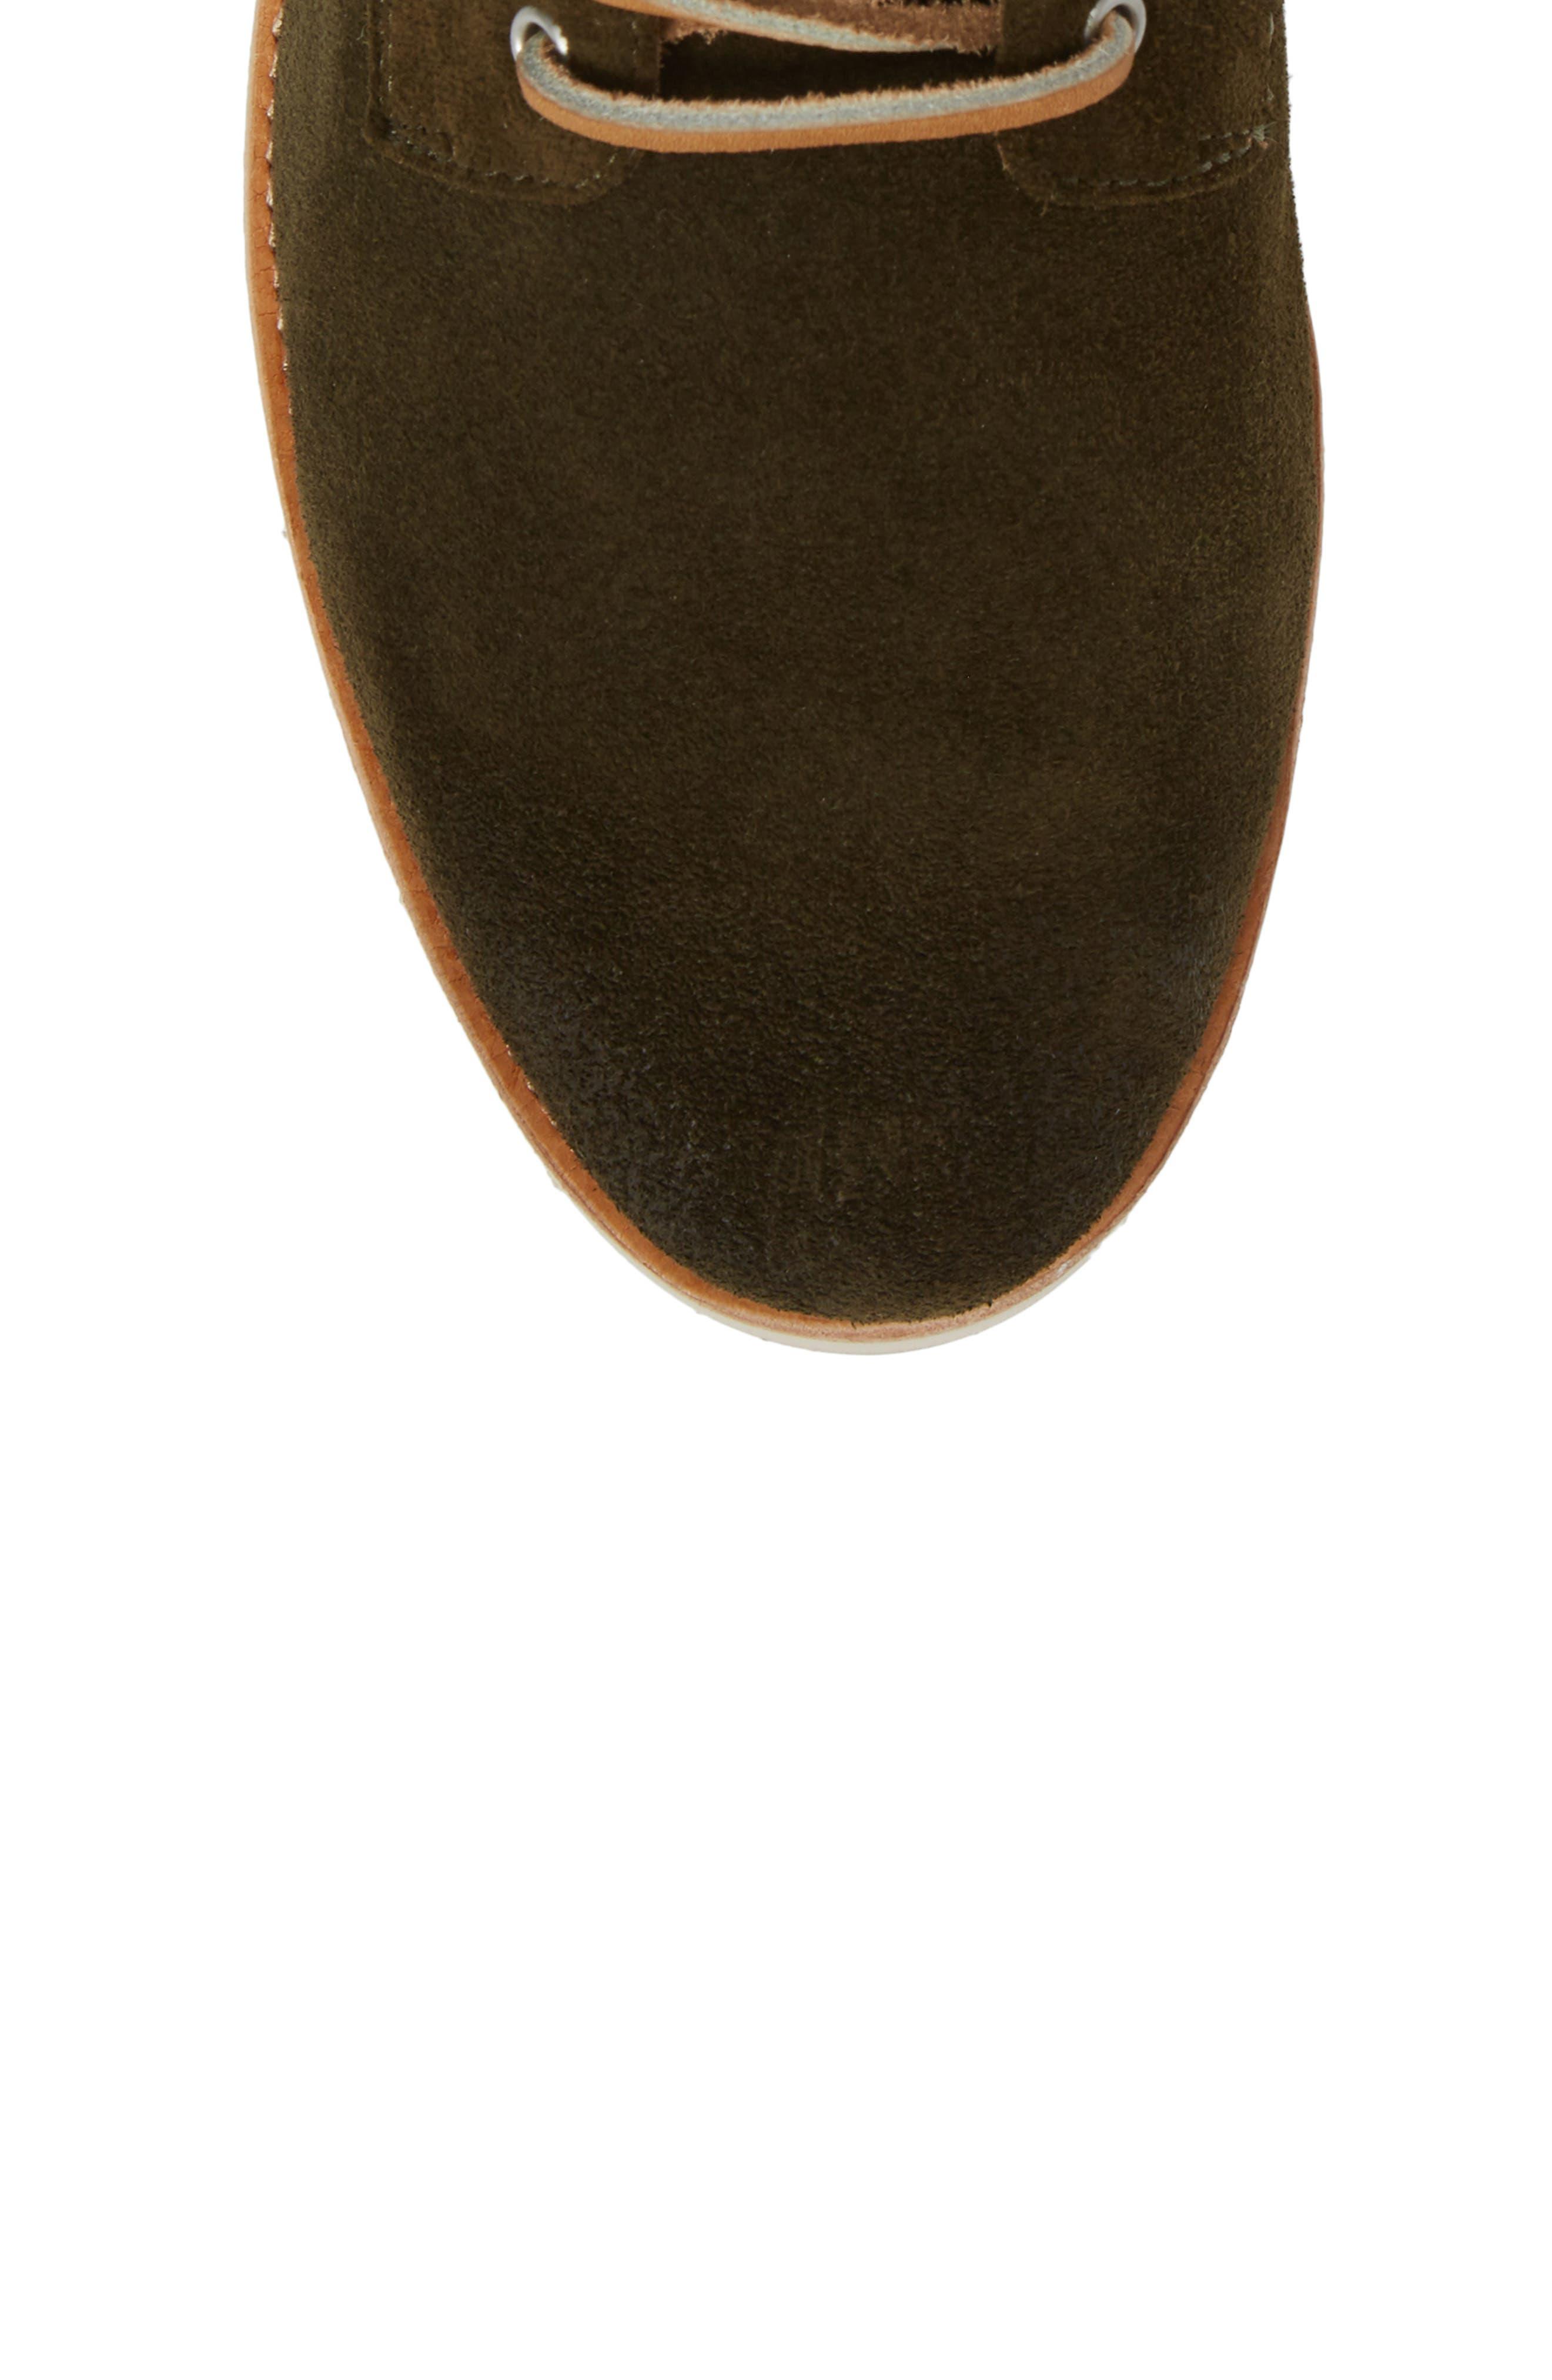 OM 53 Plain Toe Boot,                             Alternate thumbnail 5, color,                             DARK GREEN LEATHER